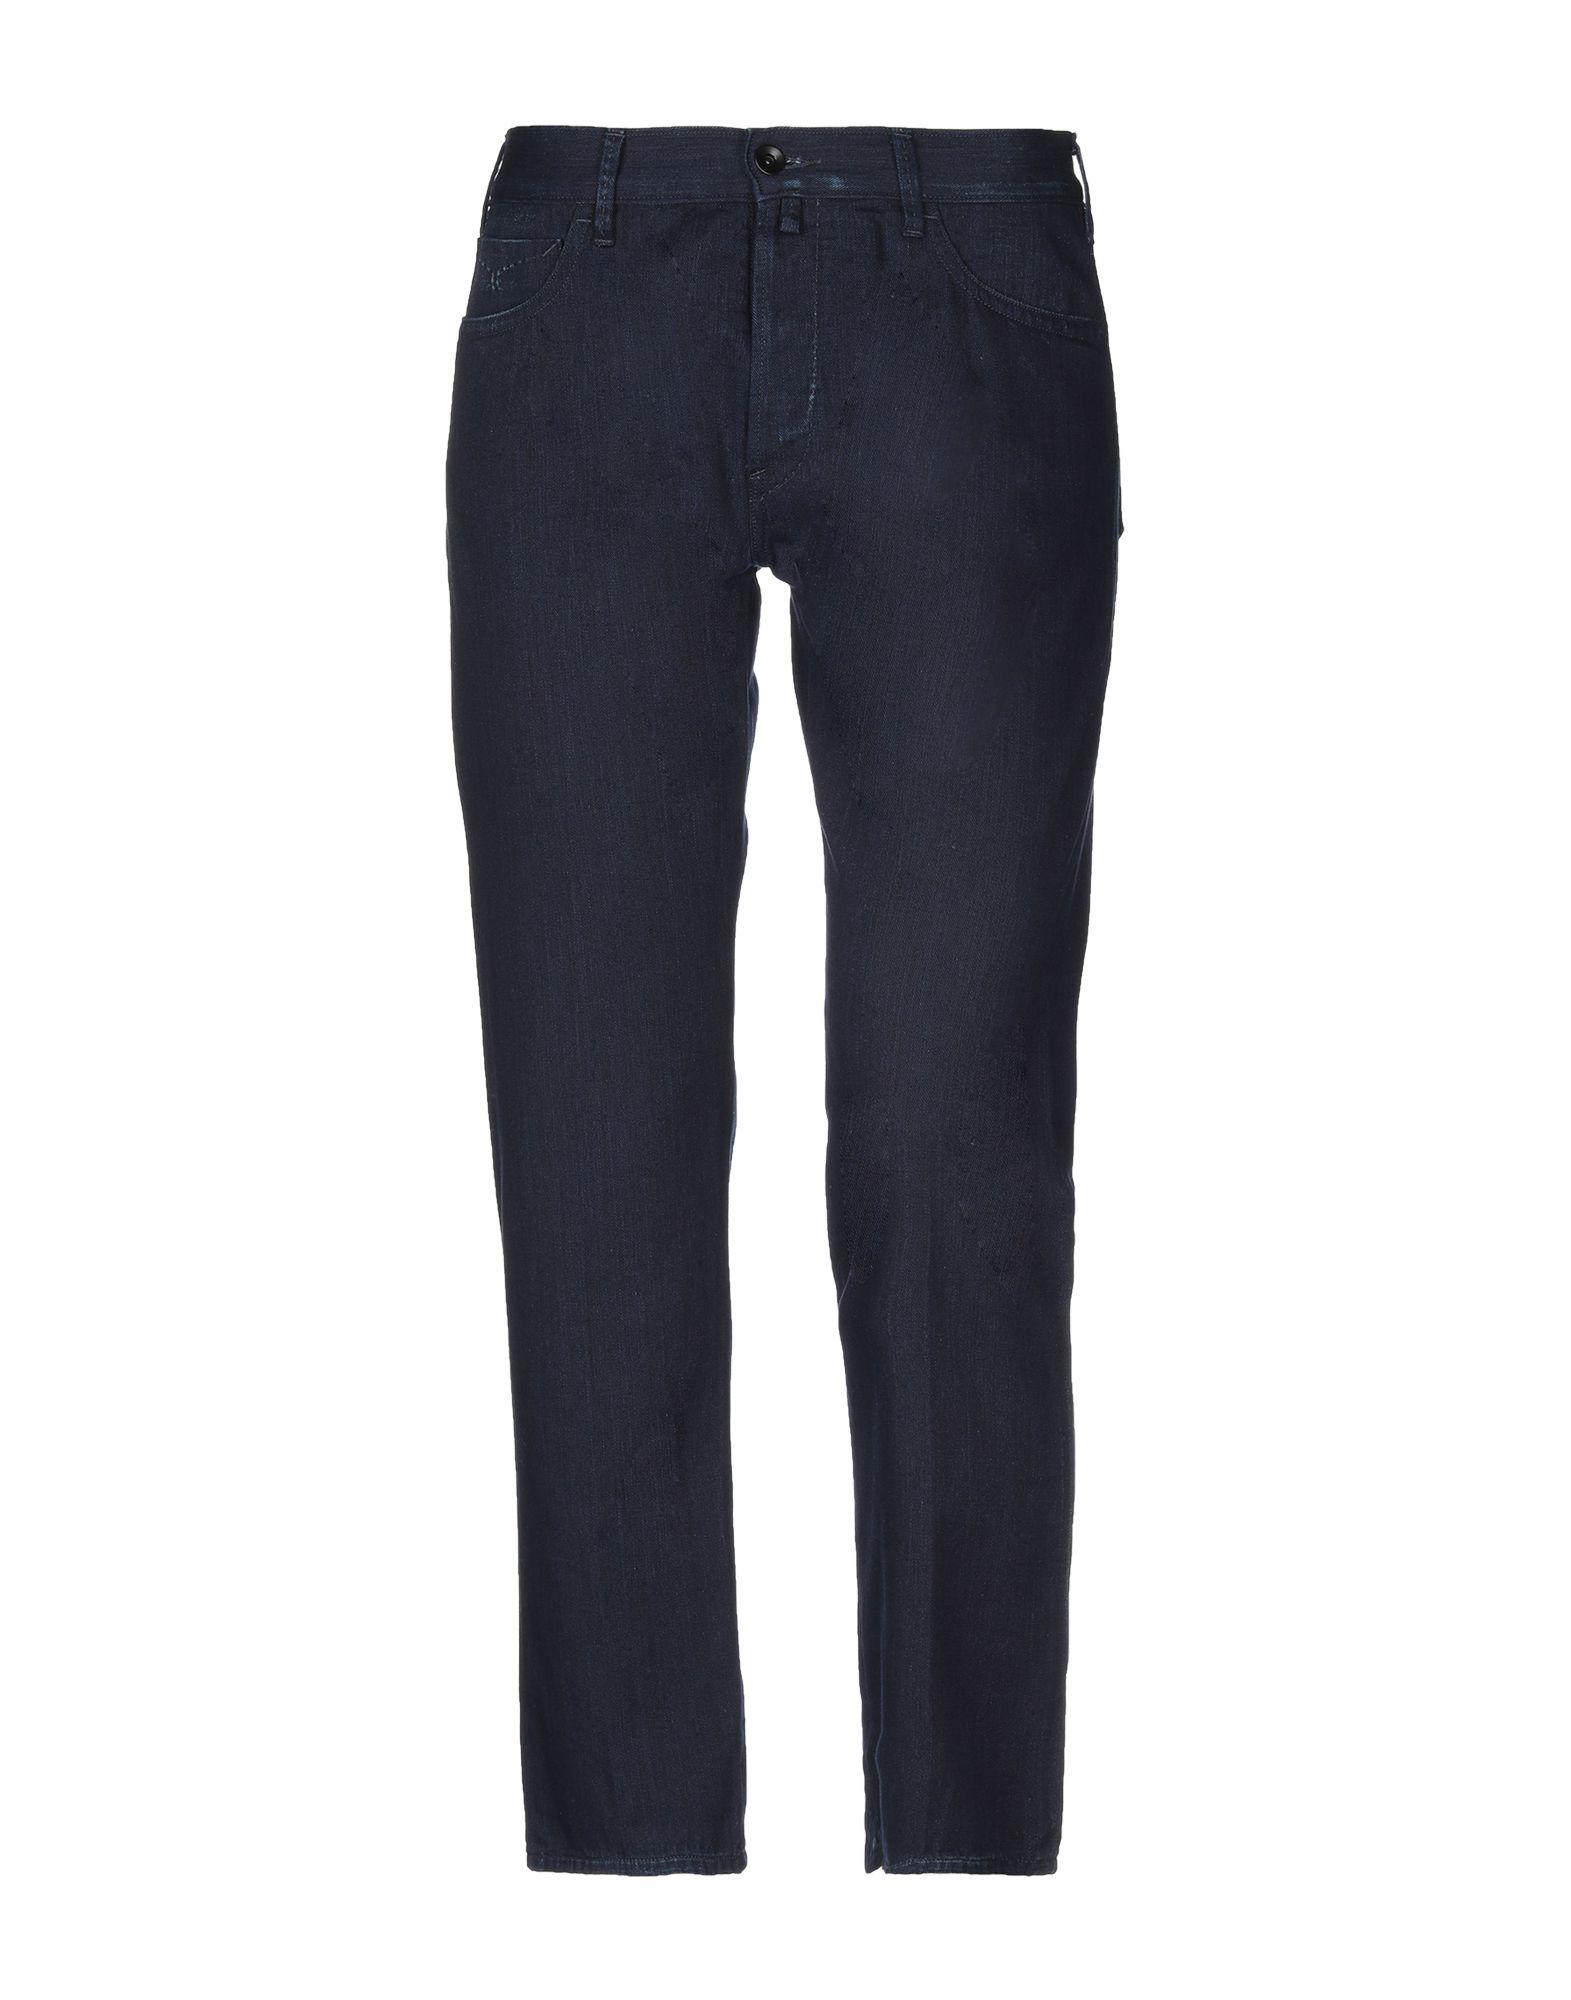 TAILOR RECORDS Джинсовые брюки